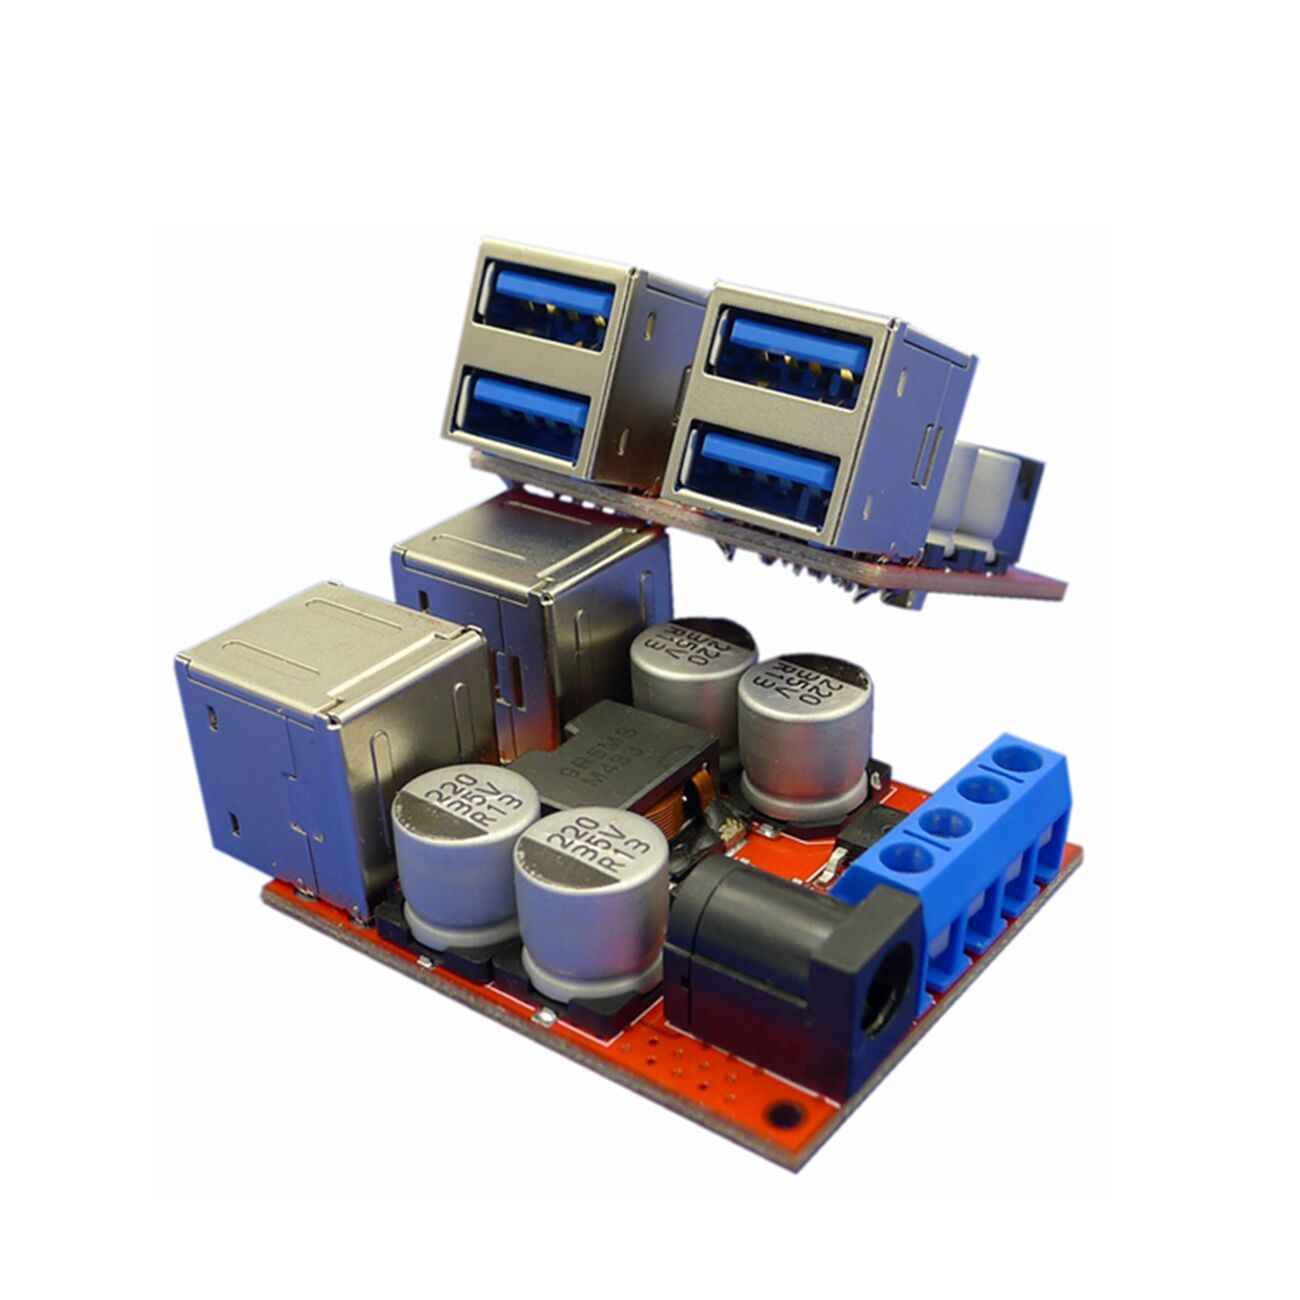 DC плата для зарядки автомобиля 8в 35в 5В 8А модуль разгерметизации питания 4 порта USB